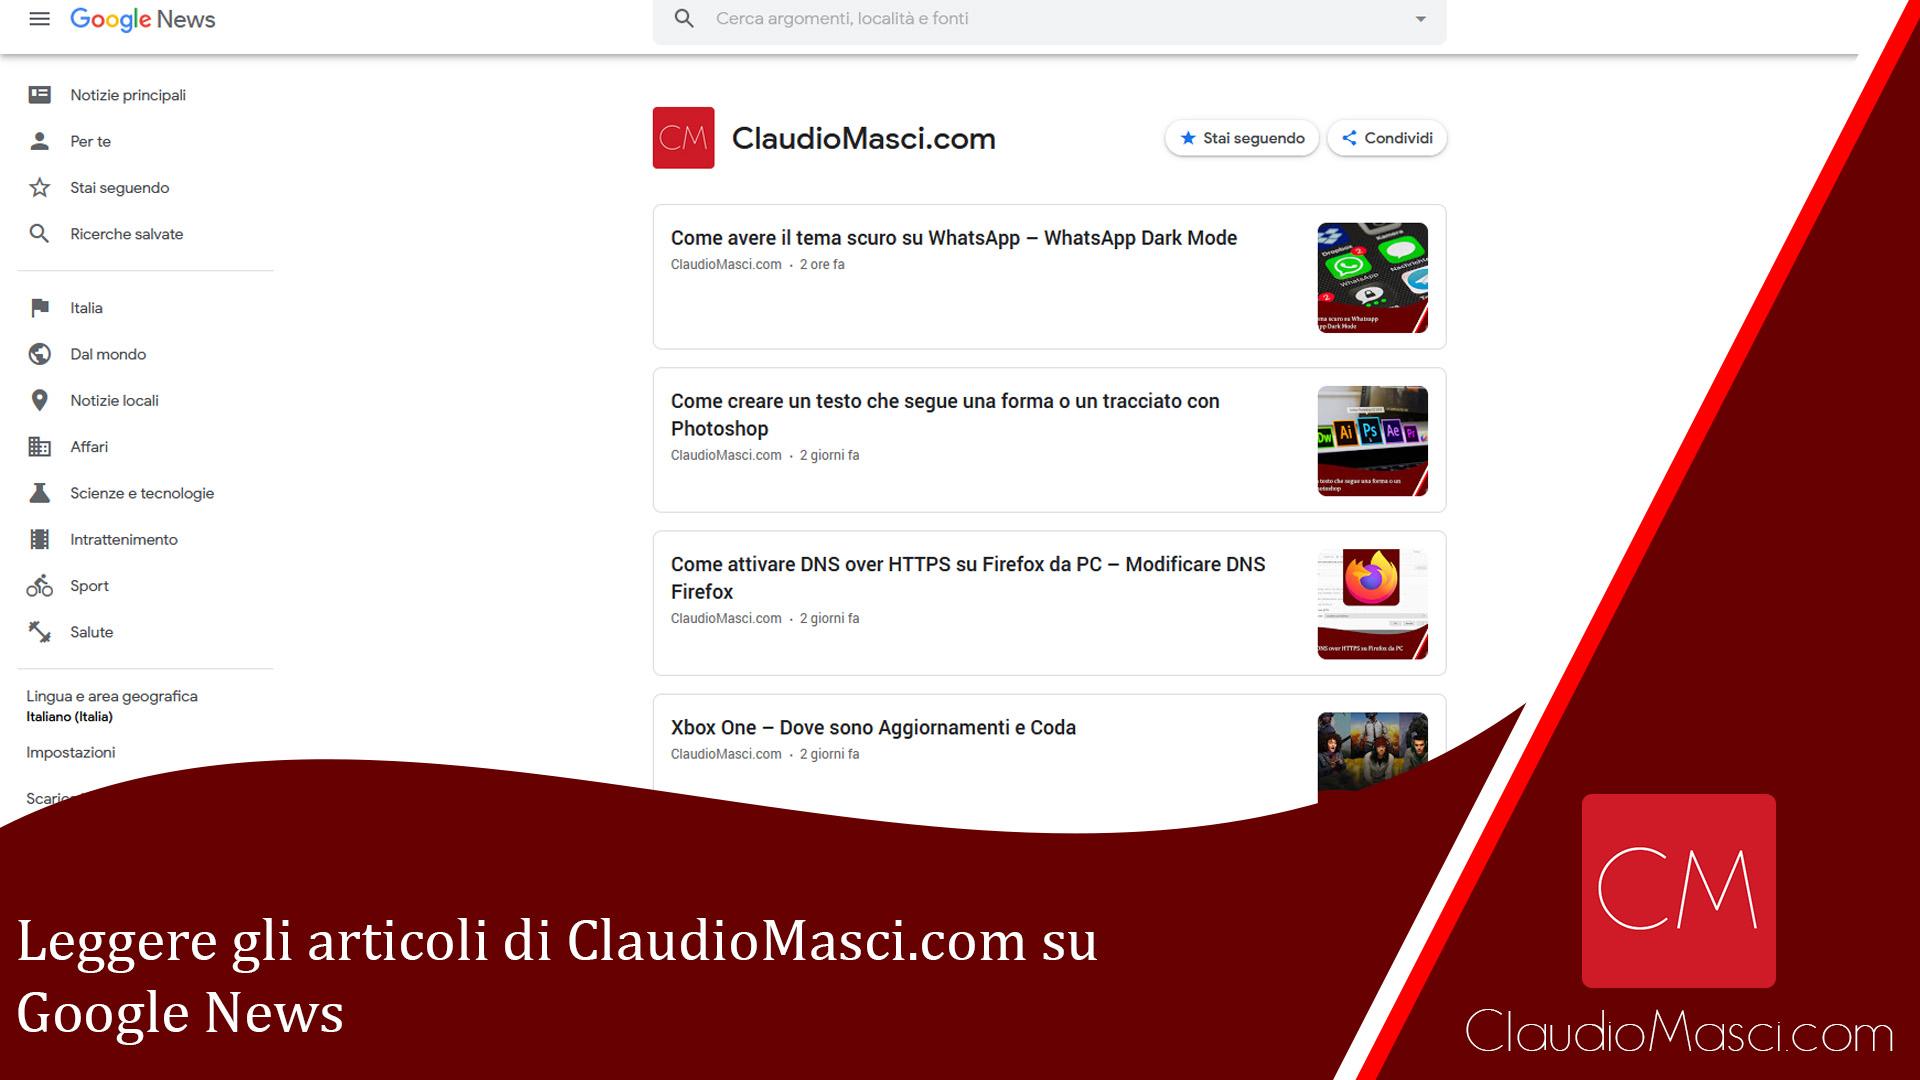 Leggere gli articoli di ClaudioMasci.com su Google News